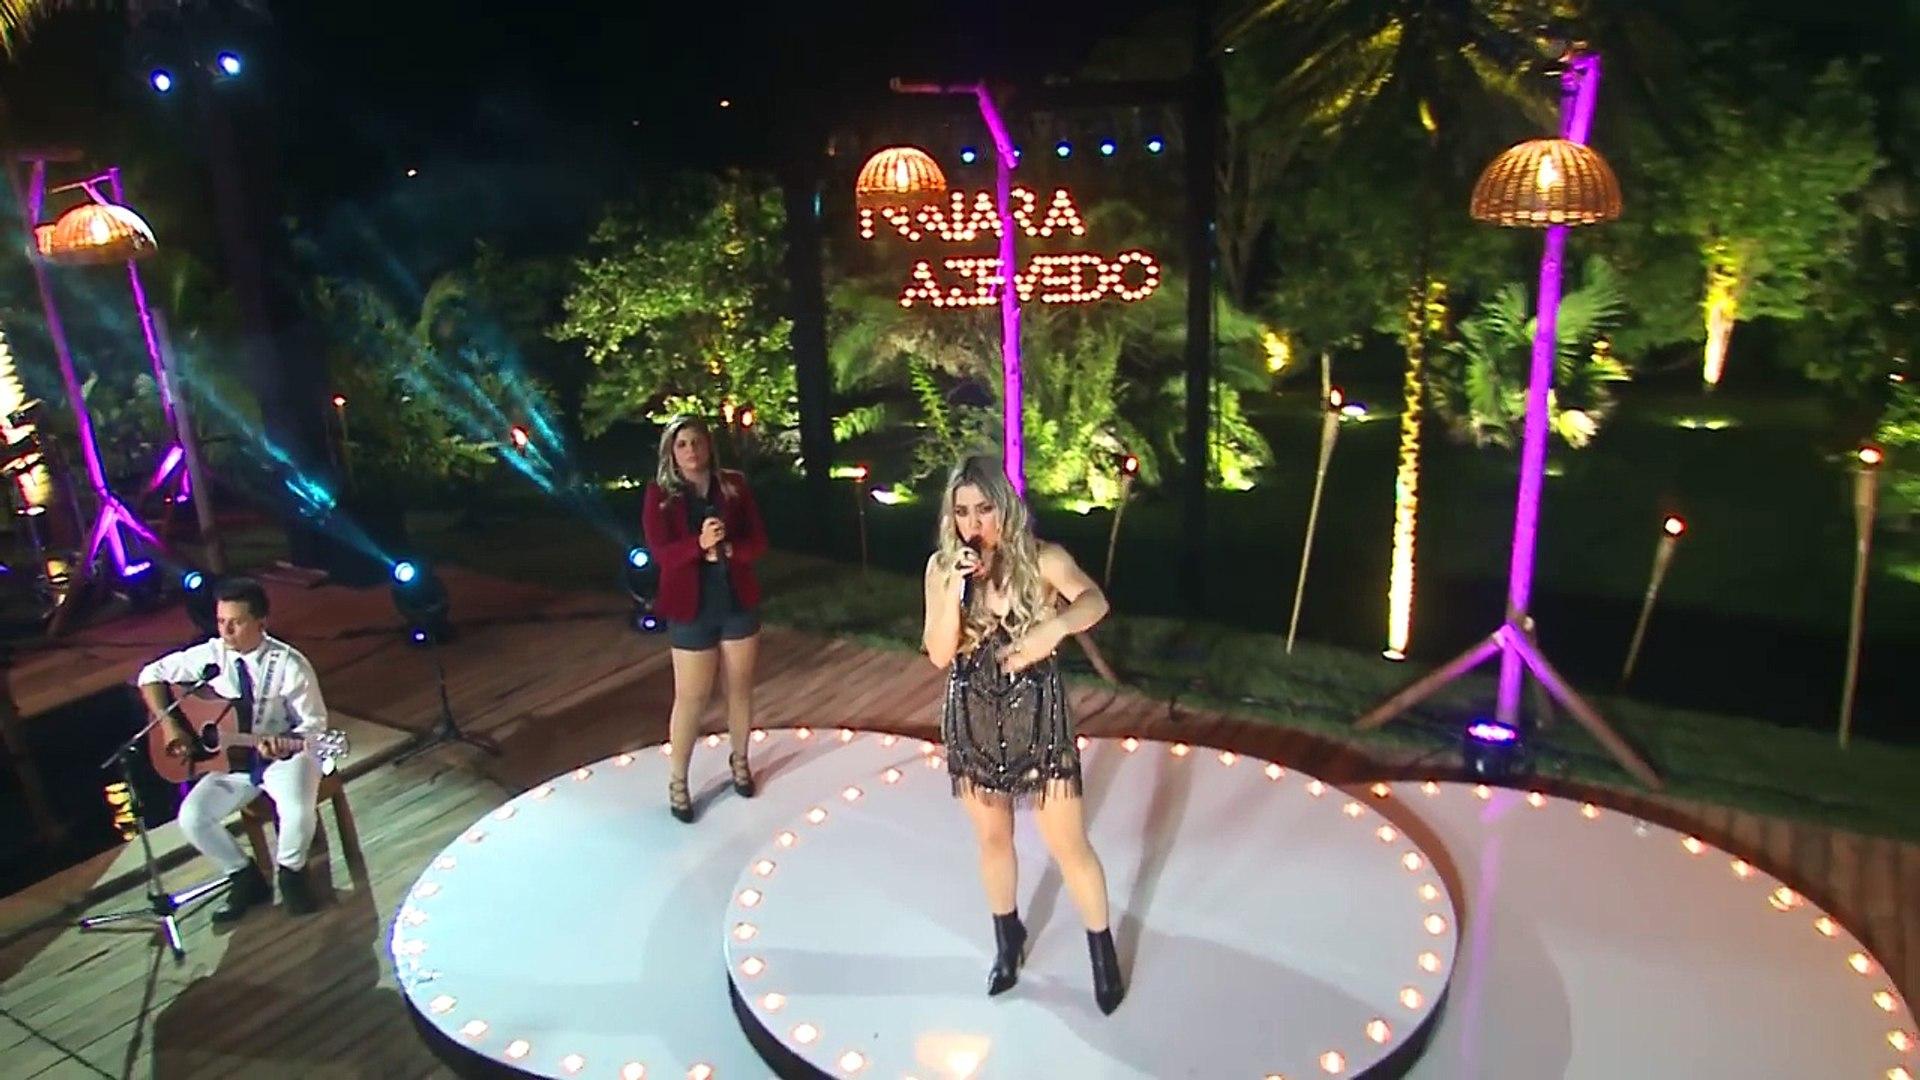 Naiara Azevedo - Ele Não Merece A Gente part. Paula Mattos (Clipe Oficial)